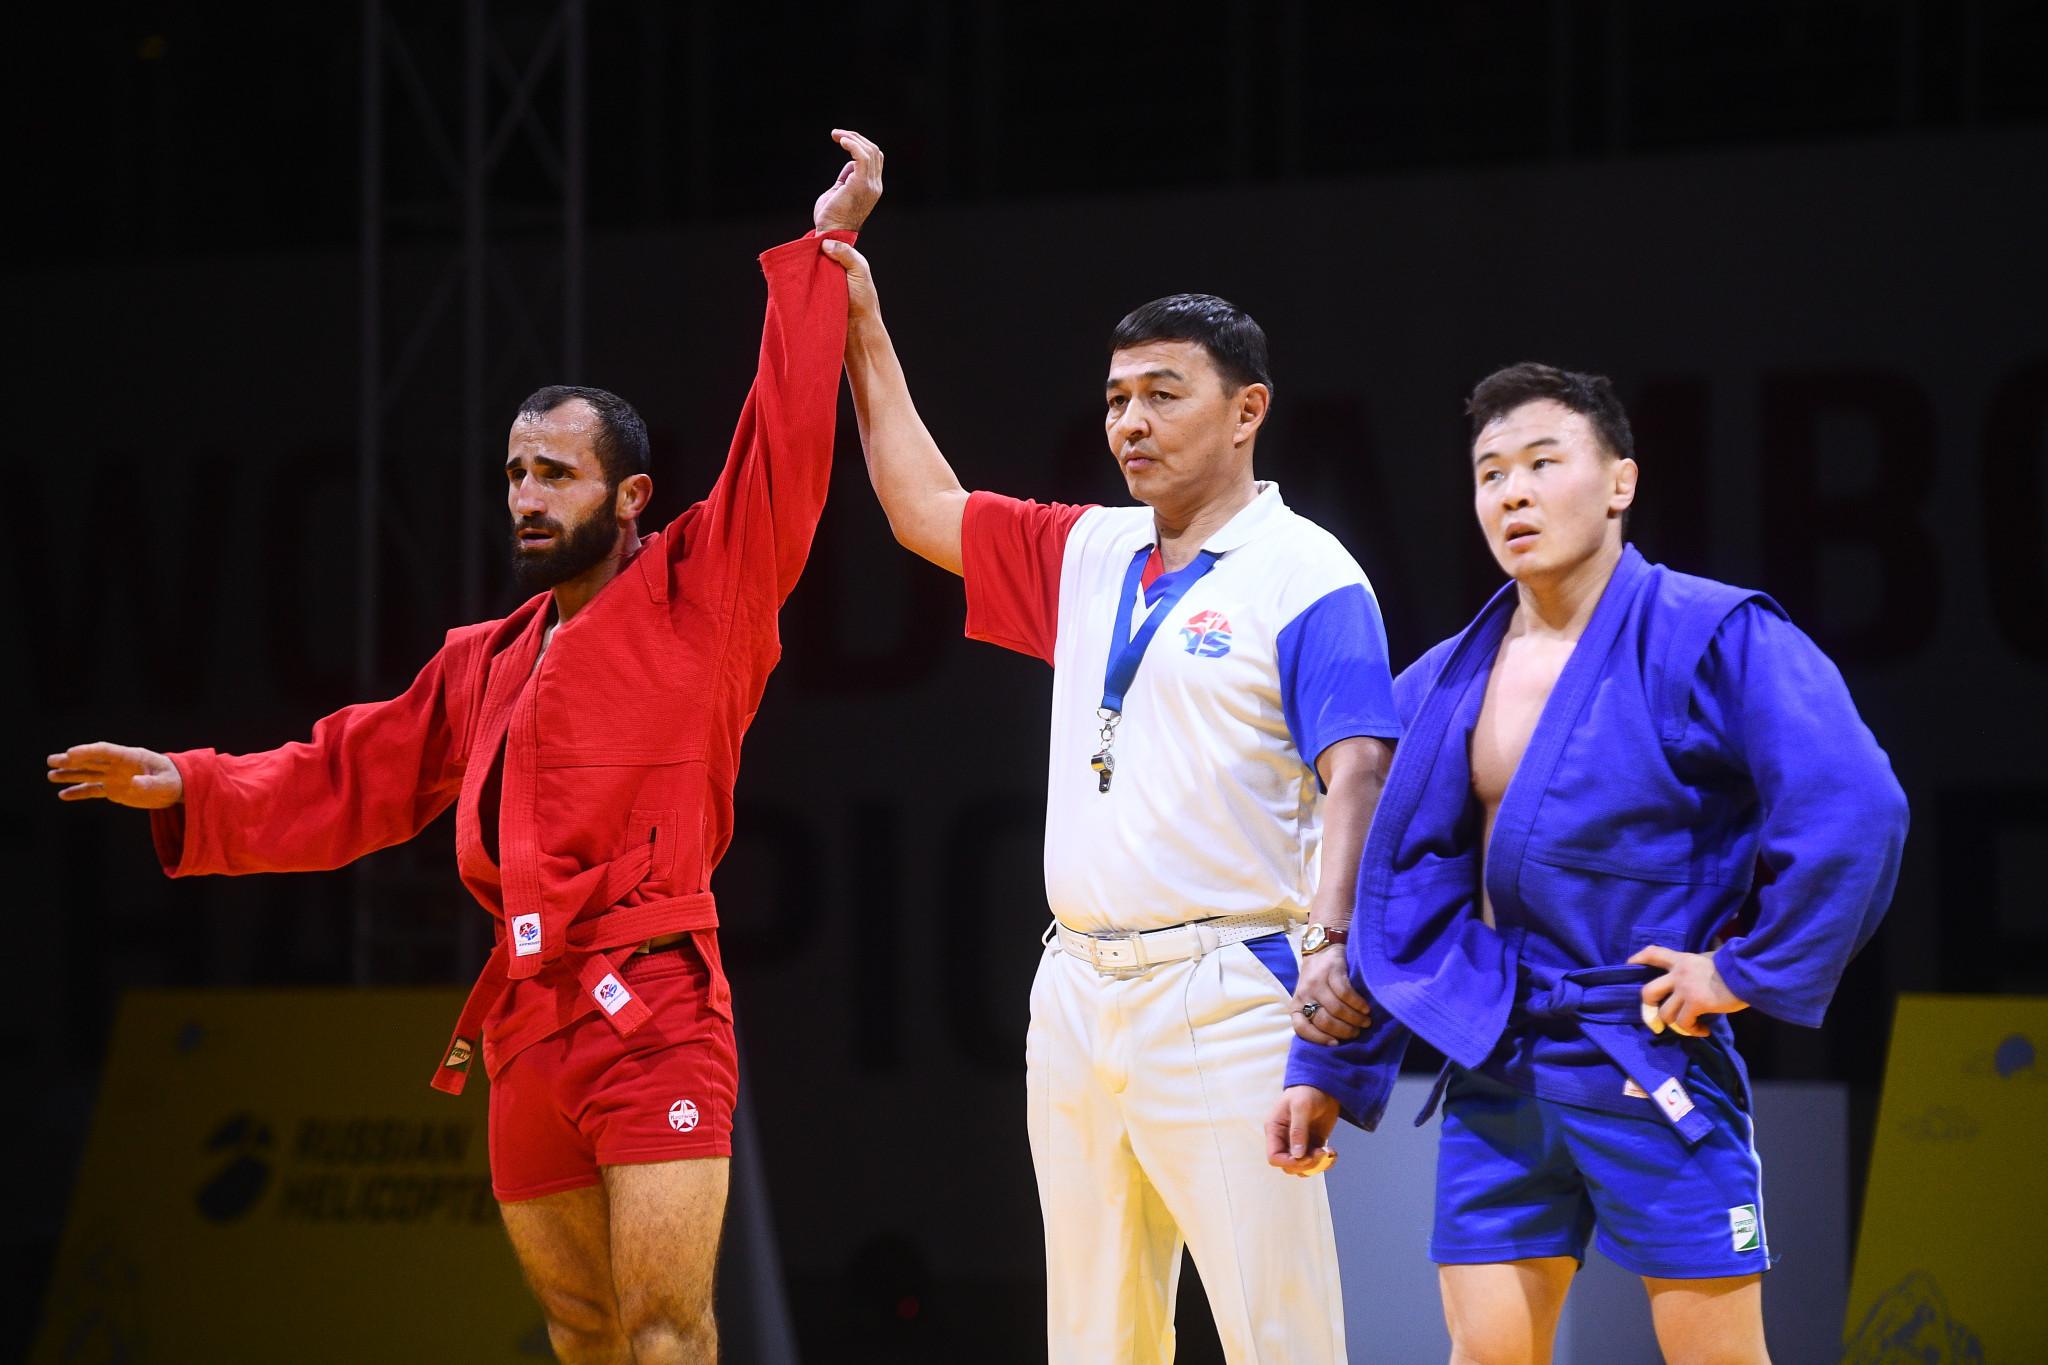 Chidrashvili claims Georgian gold as Russian medal haul grows at World Sambo Championships